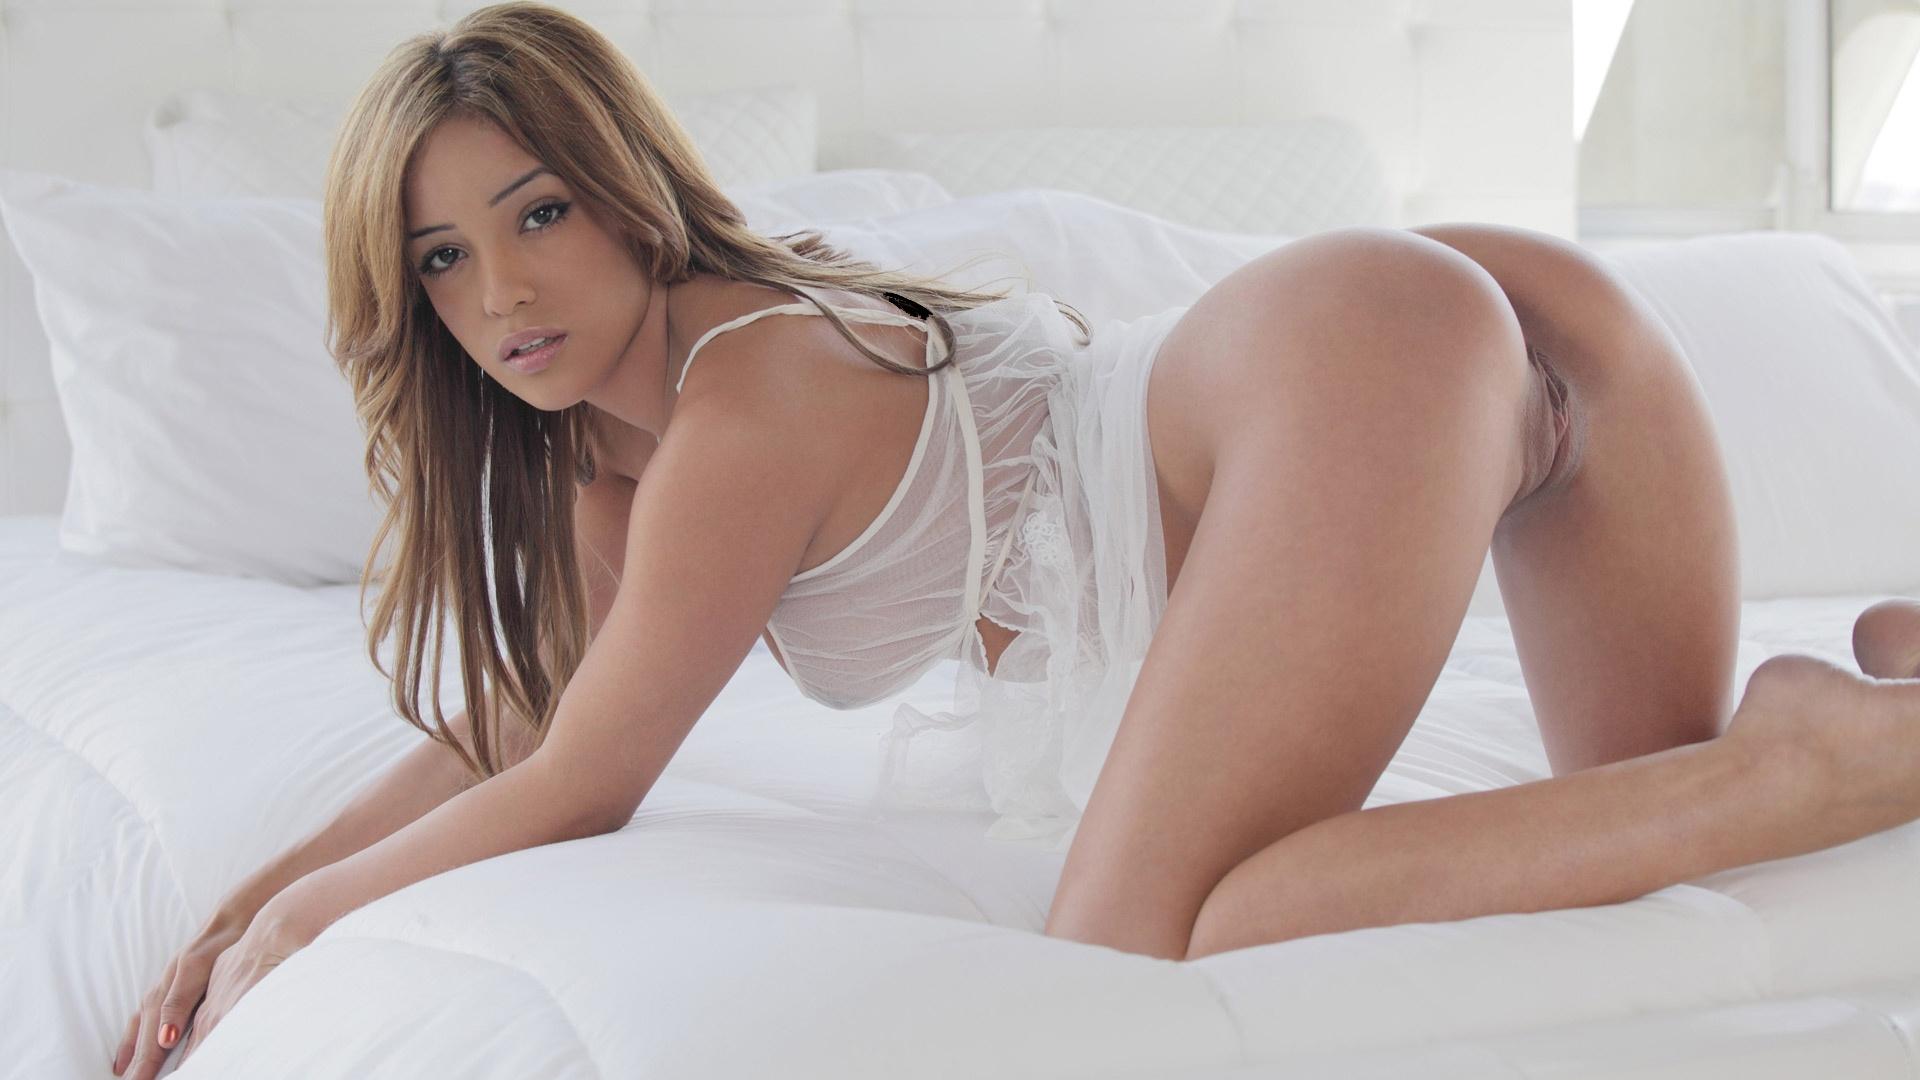 Hot latina models nude